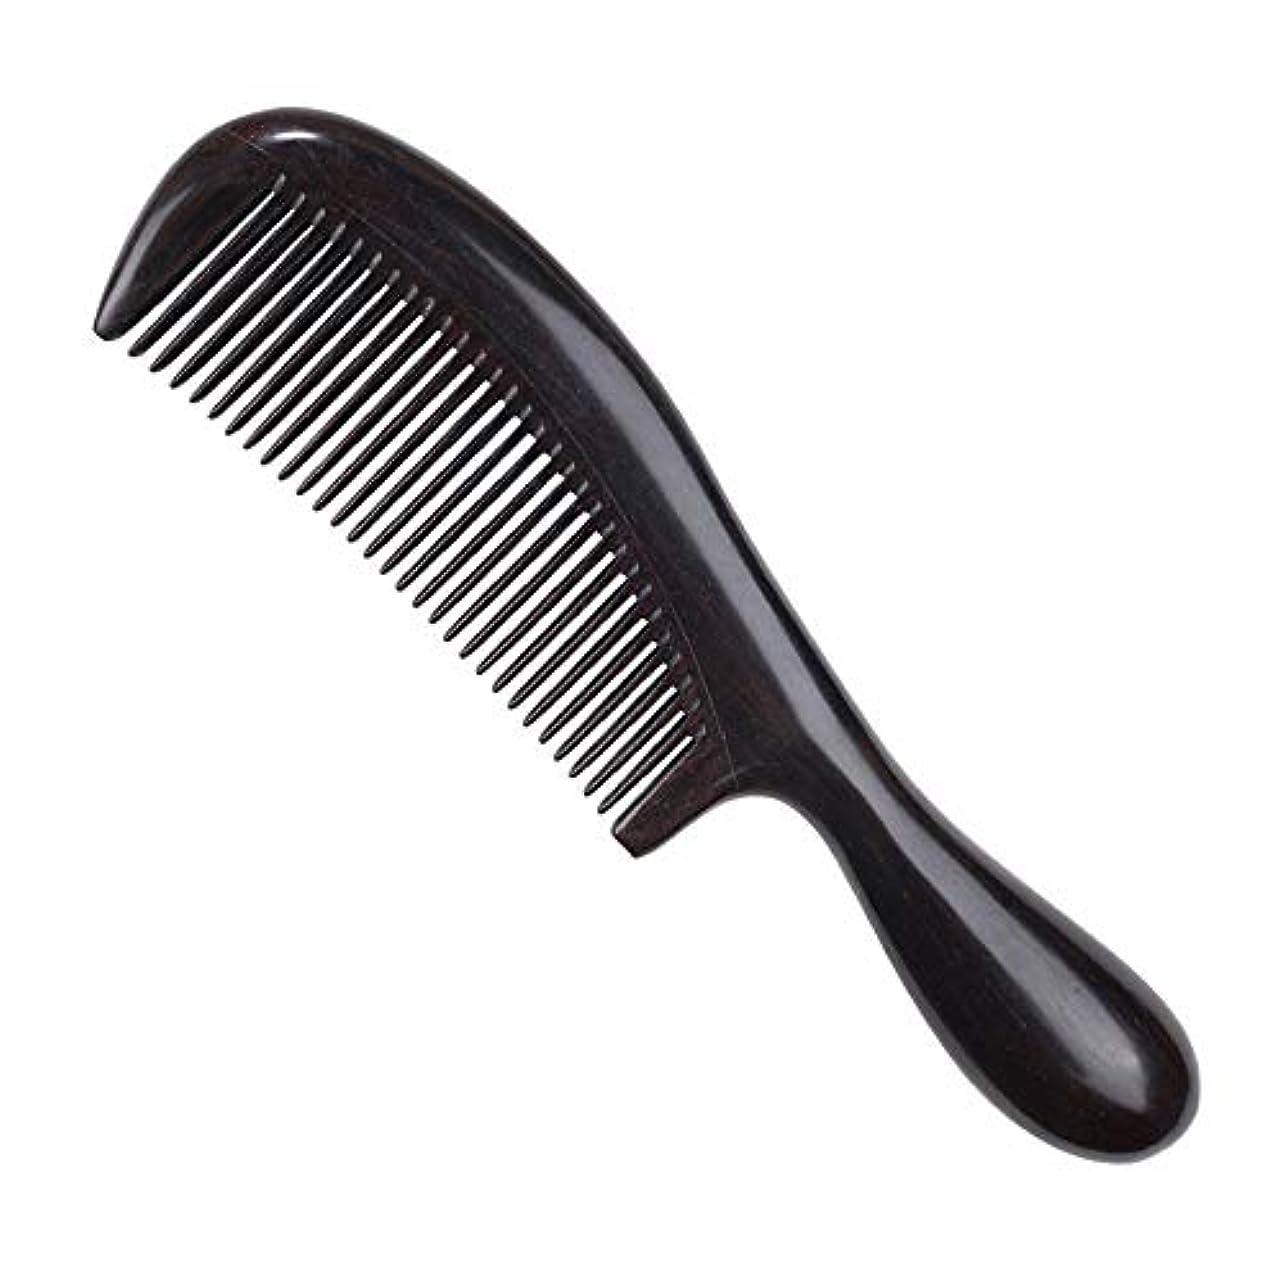 パフ絶滅通知するヘアーコーム ワイド歯ブラシ櫛毛ブラシフラットヘッド帯電防止高温櫛 理髪の櫛